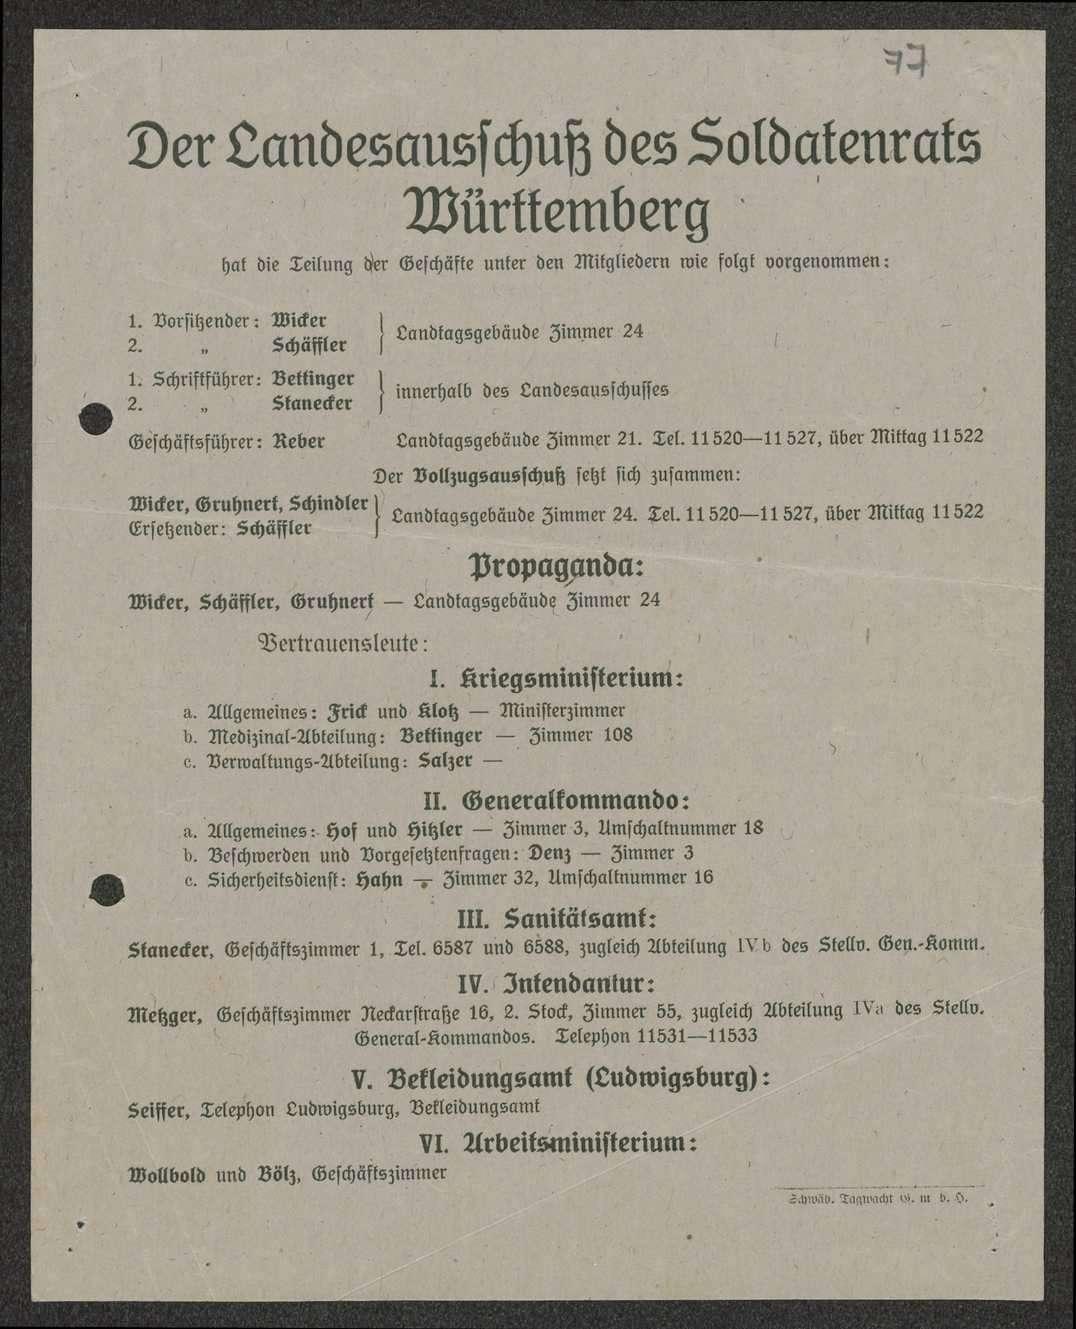 Bestimmung eines Mitglieds, Organisationsübersicht des Landesausschusses des Soldatenrats Württemberg, Bild 2